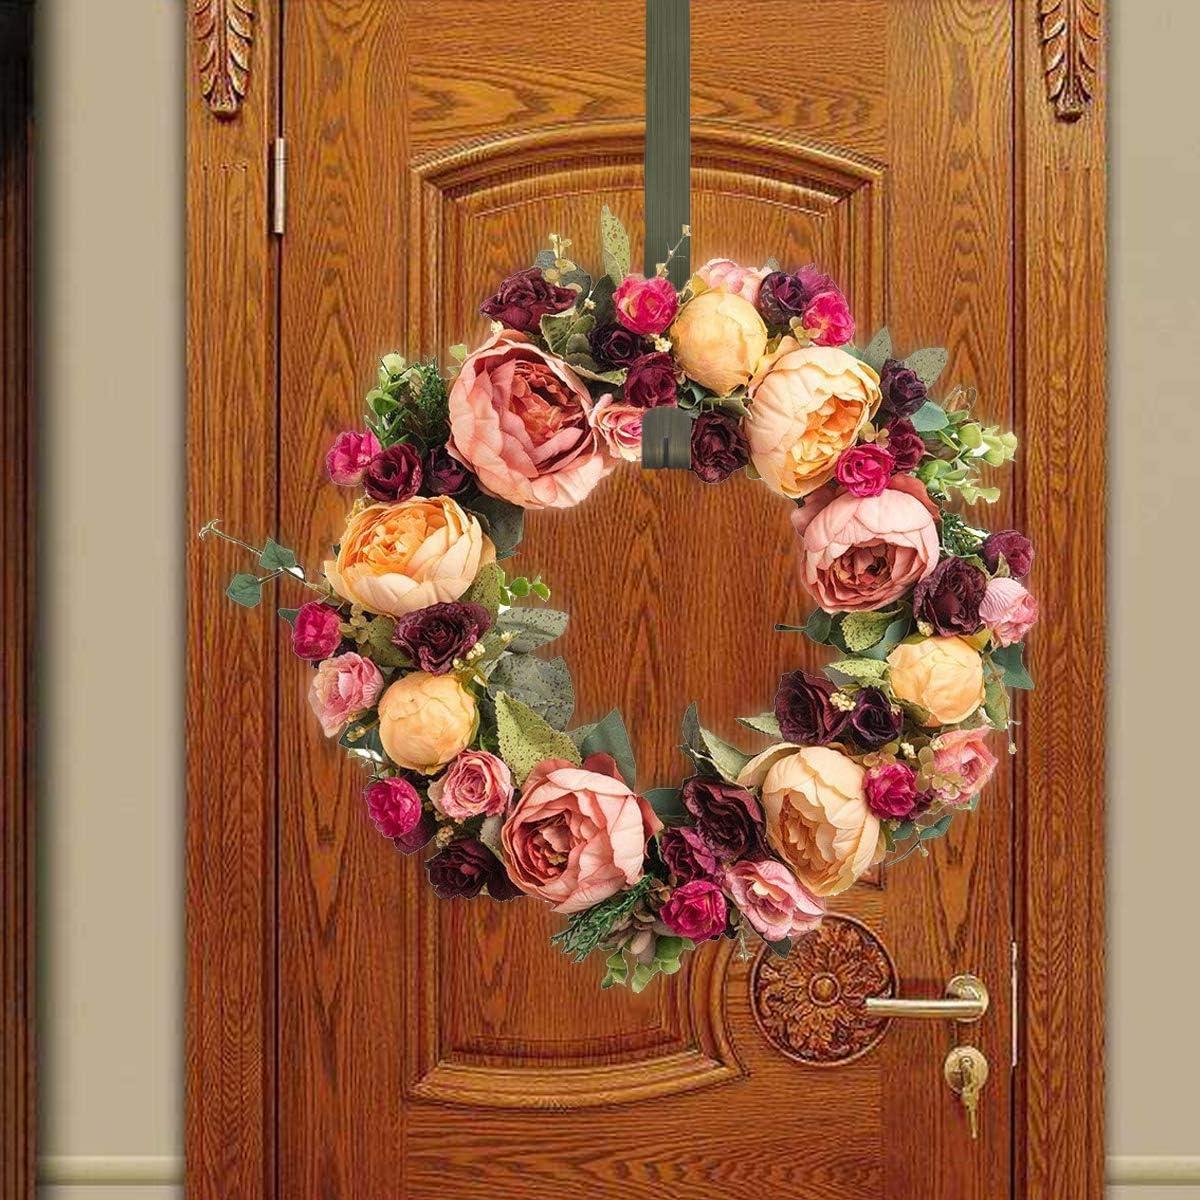 GameXcel Wreath Hanger Over The Door Large Wreath Metal Hook for Christmas Wreath Front Door Hanger 12 Brass